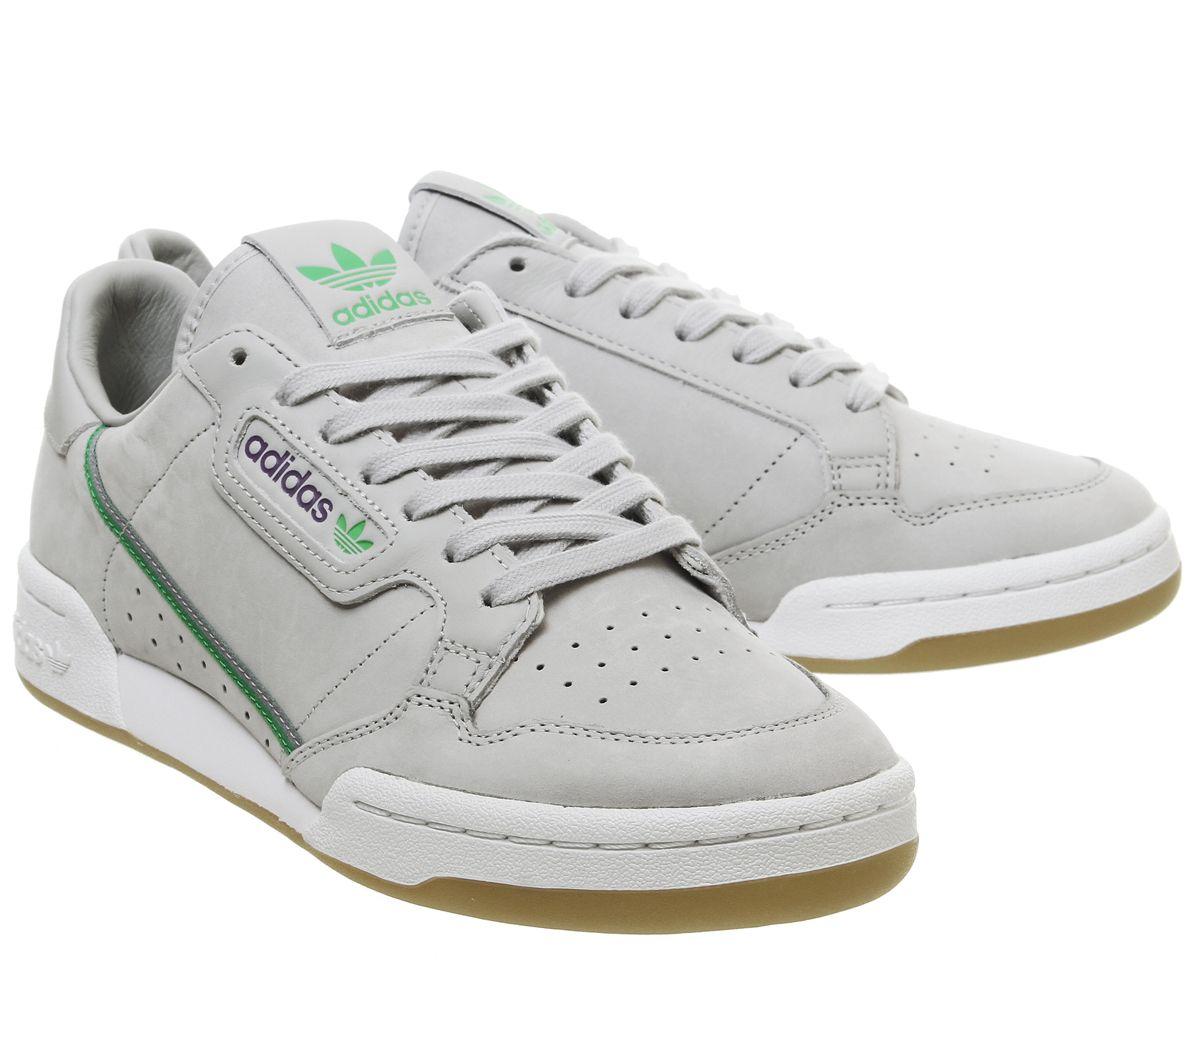 f441c86c01 SENTINEL Adidas continentale 80S formatori grigio verde viola Gum Tfl  formatori scarpe